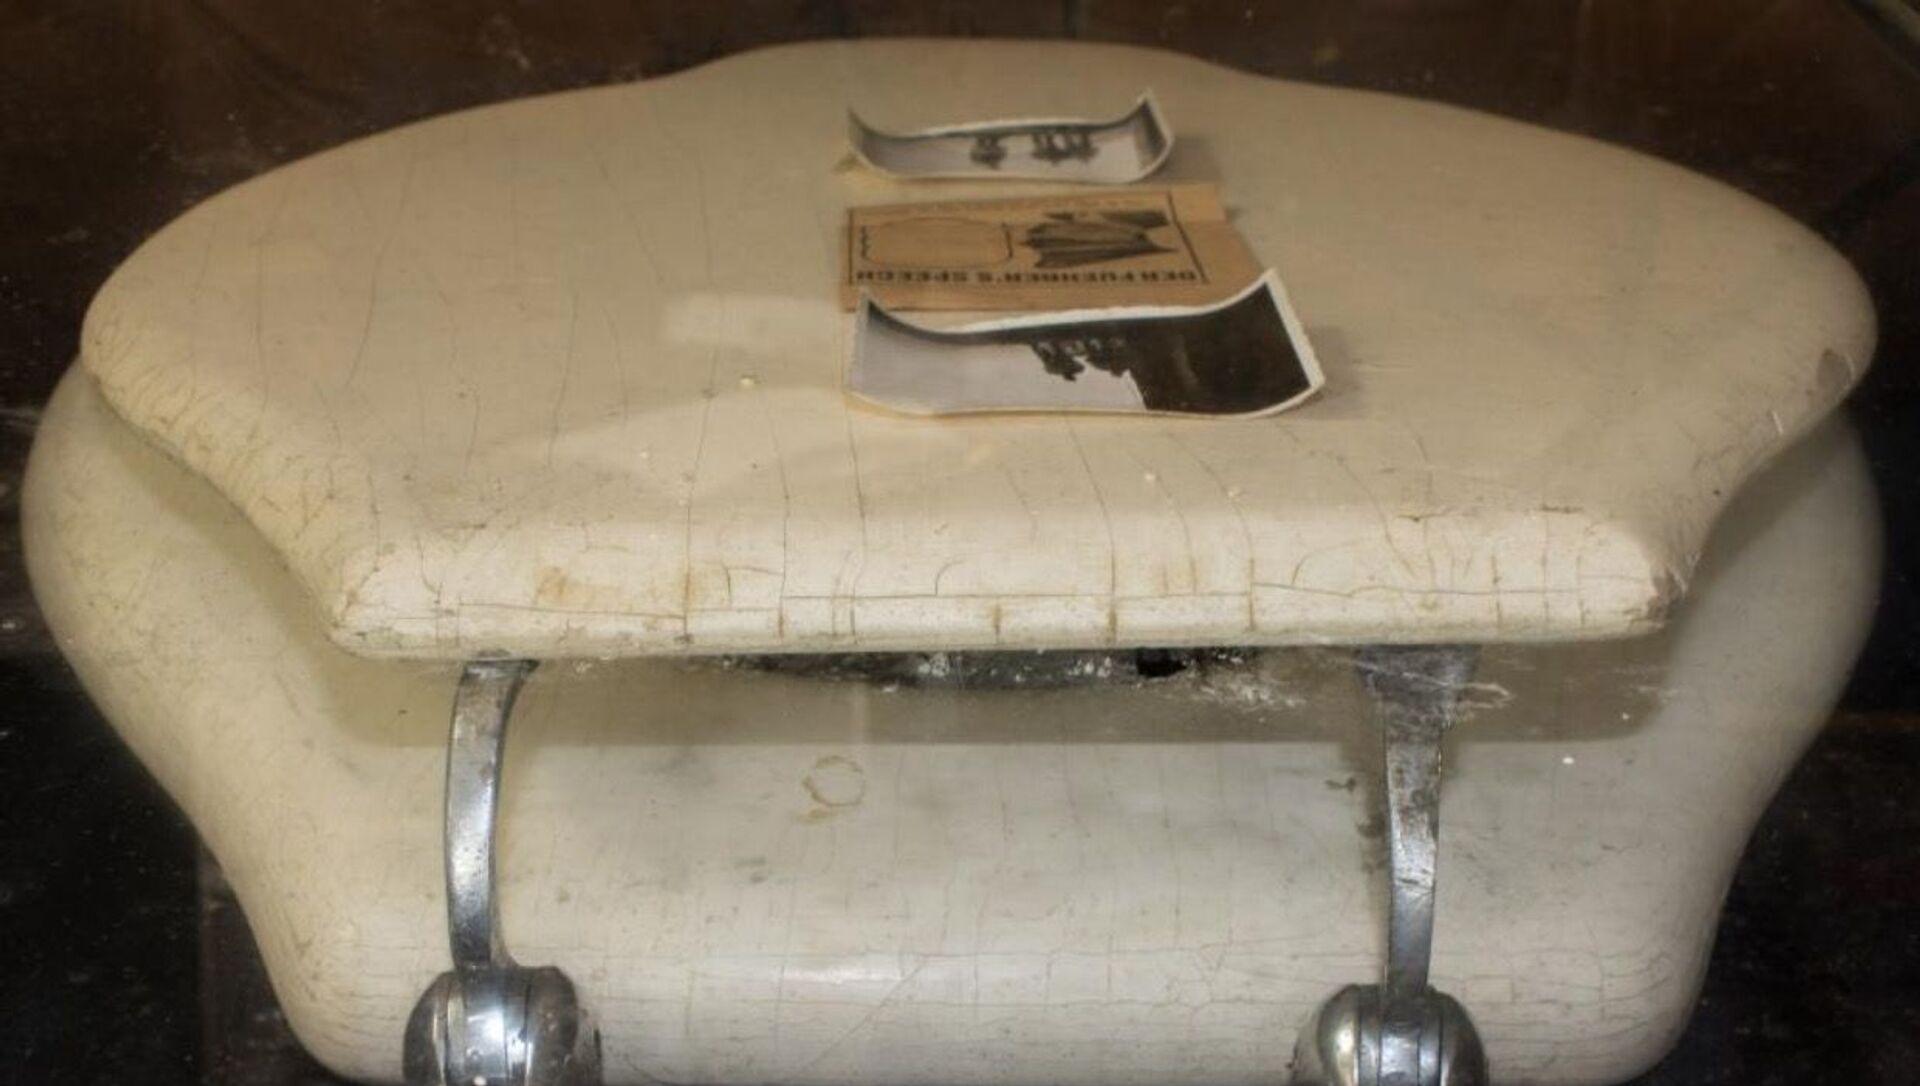 Sedile del water dalla residenza di Adolf Hitler - Sputnik Italia, 1920, 03.02.2021